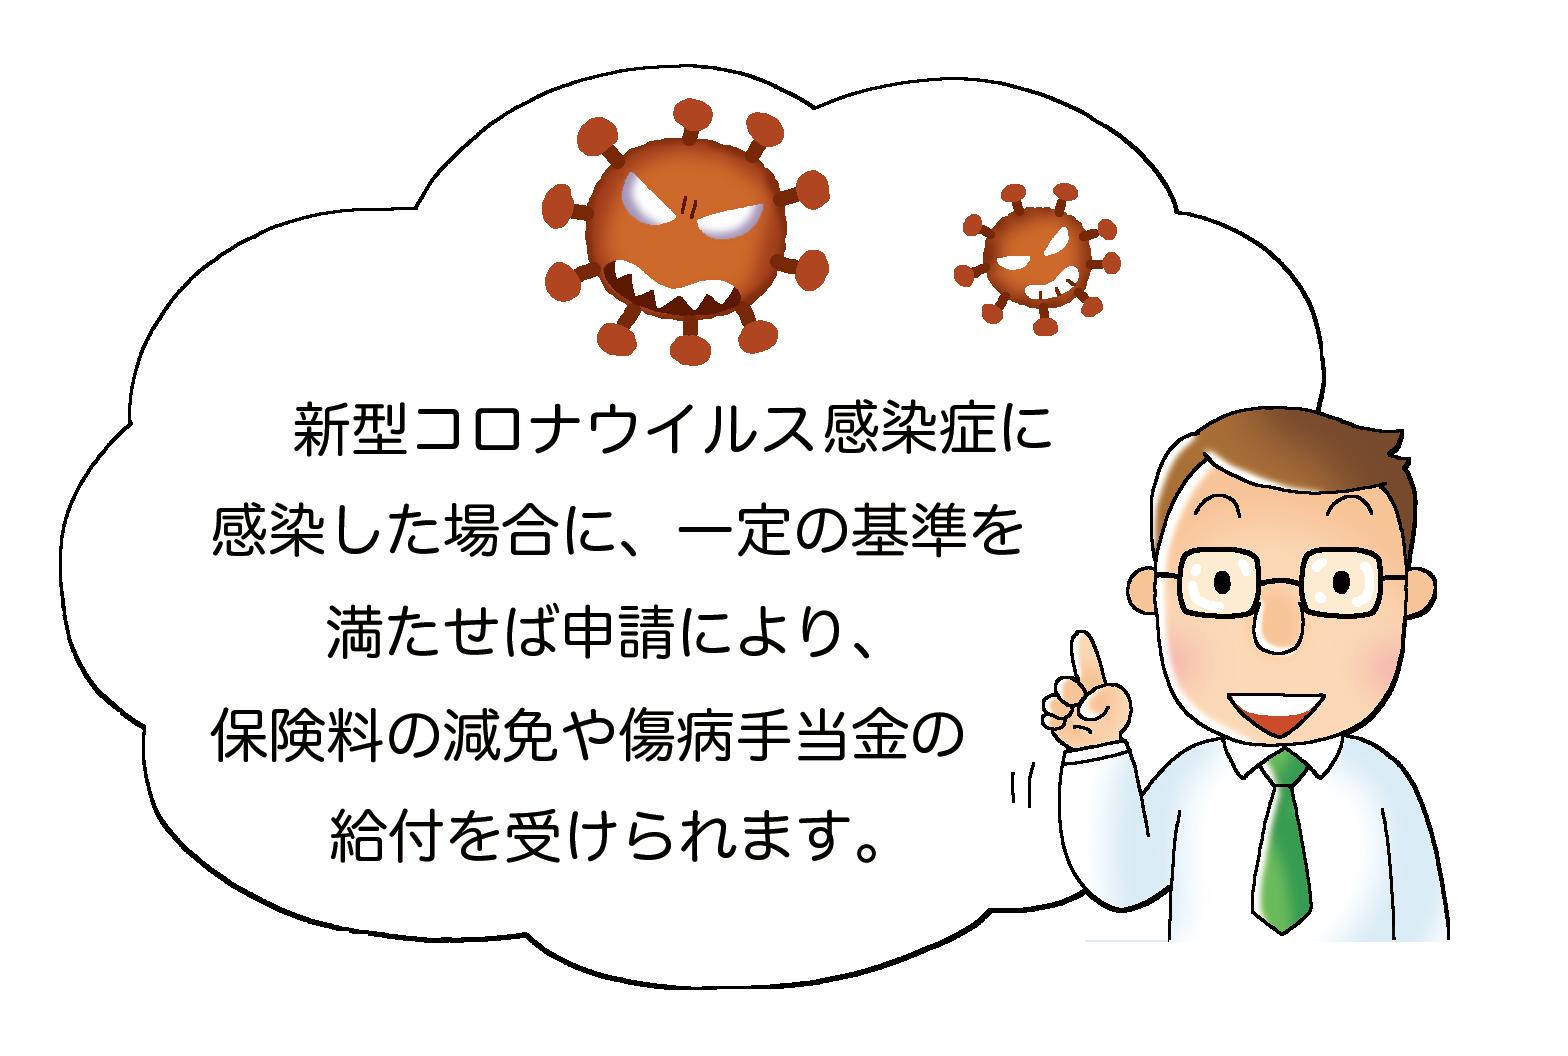 新型コロナウィスル感染症に感染した場合、一定の基準を満たせば給付を受けられます。